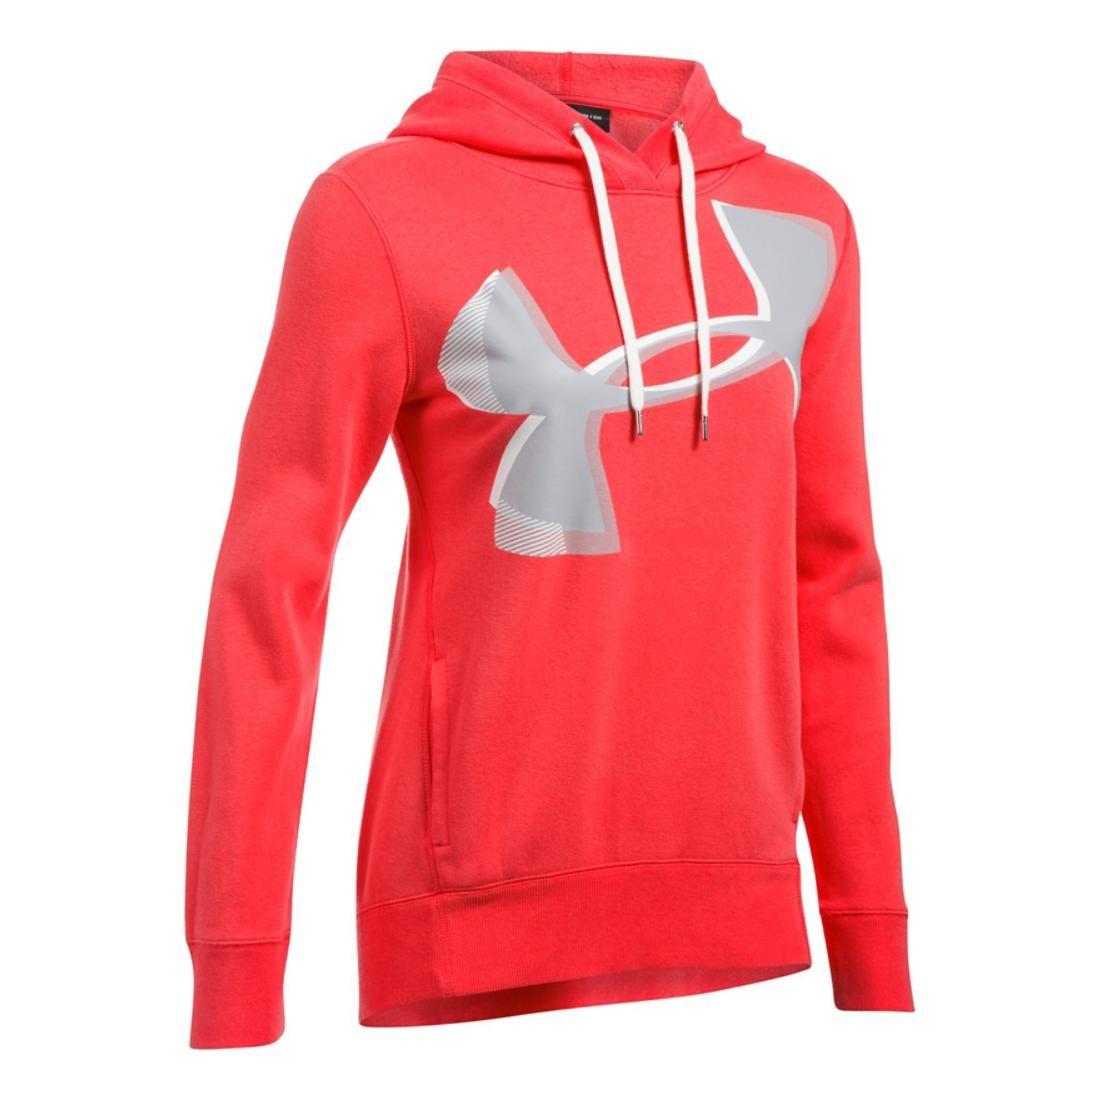 世界有名な (アンダーアーマー)UNDER ARMOUR ARMOUR フェイバリットフリースエクスプローデッドロゴ(ライフスタイル/パーカー/WOMEN)[1308273] B075DDPQBC Red/Grey Marathon Red B075DDPQBC/Grey XX-Small XX-Small Marathon Red/Grey, 永源寺町:f4d0aba9 --- arcego.com.br